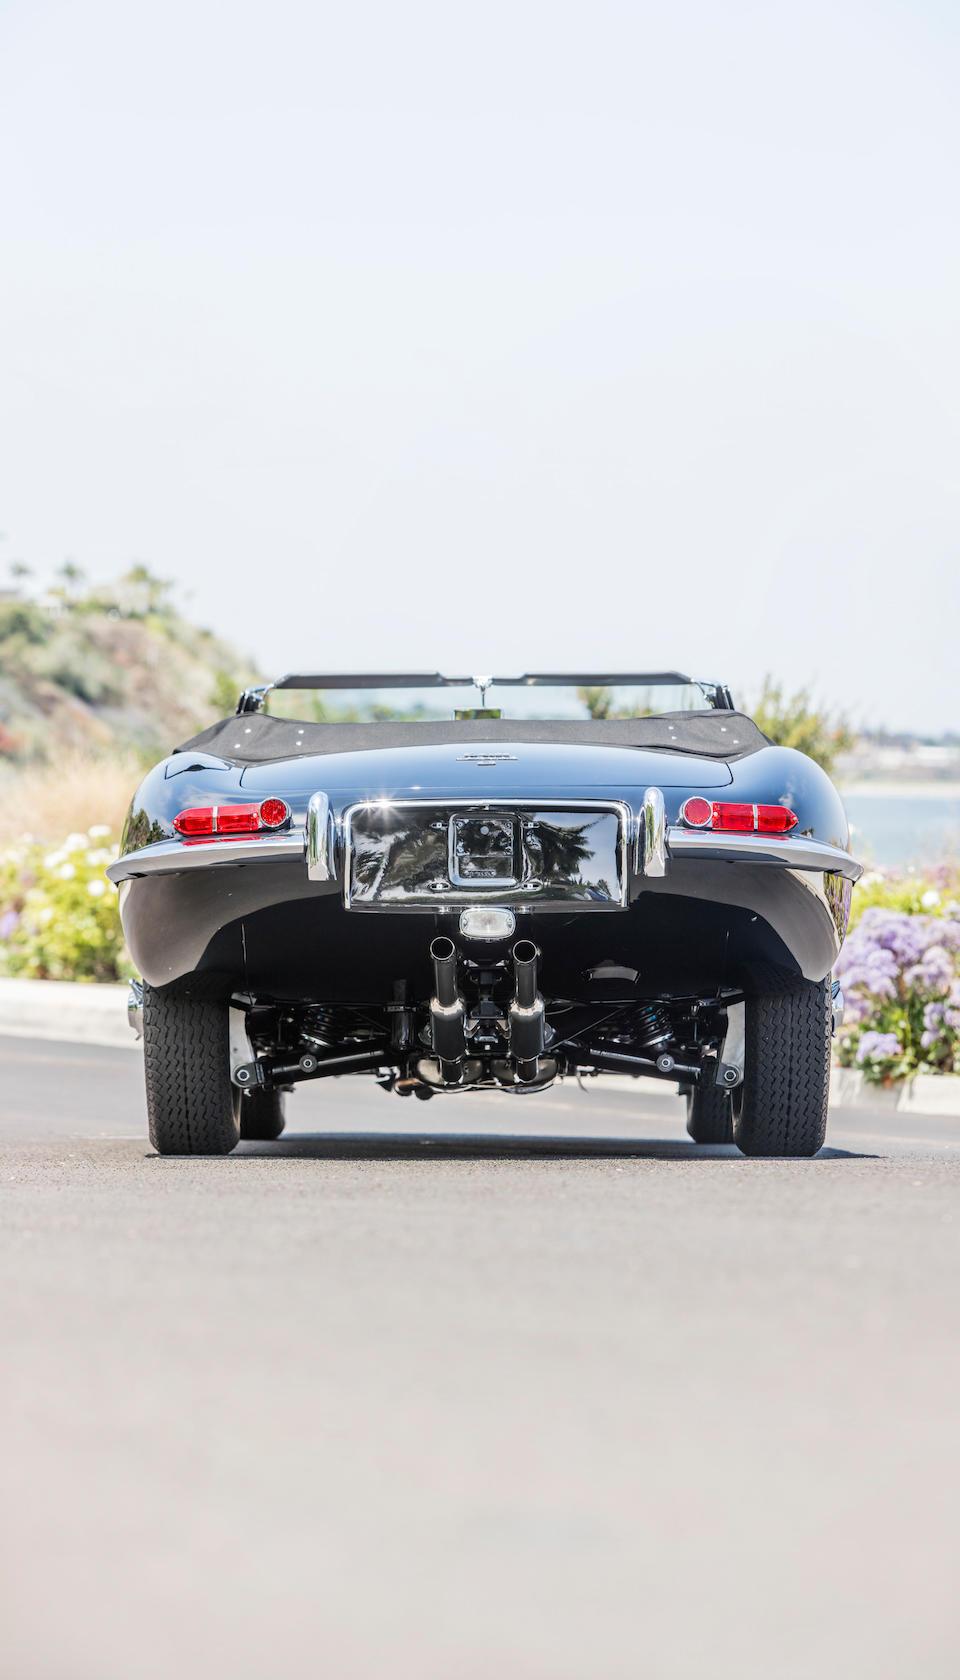 <B>1966 Jaguar E-Type Series I 4.2 Roadster</B><br /> Chassis no. 1E13757<br />Engine no. 7E10599-9